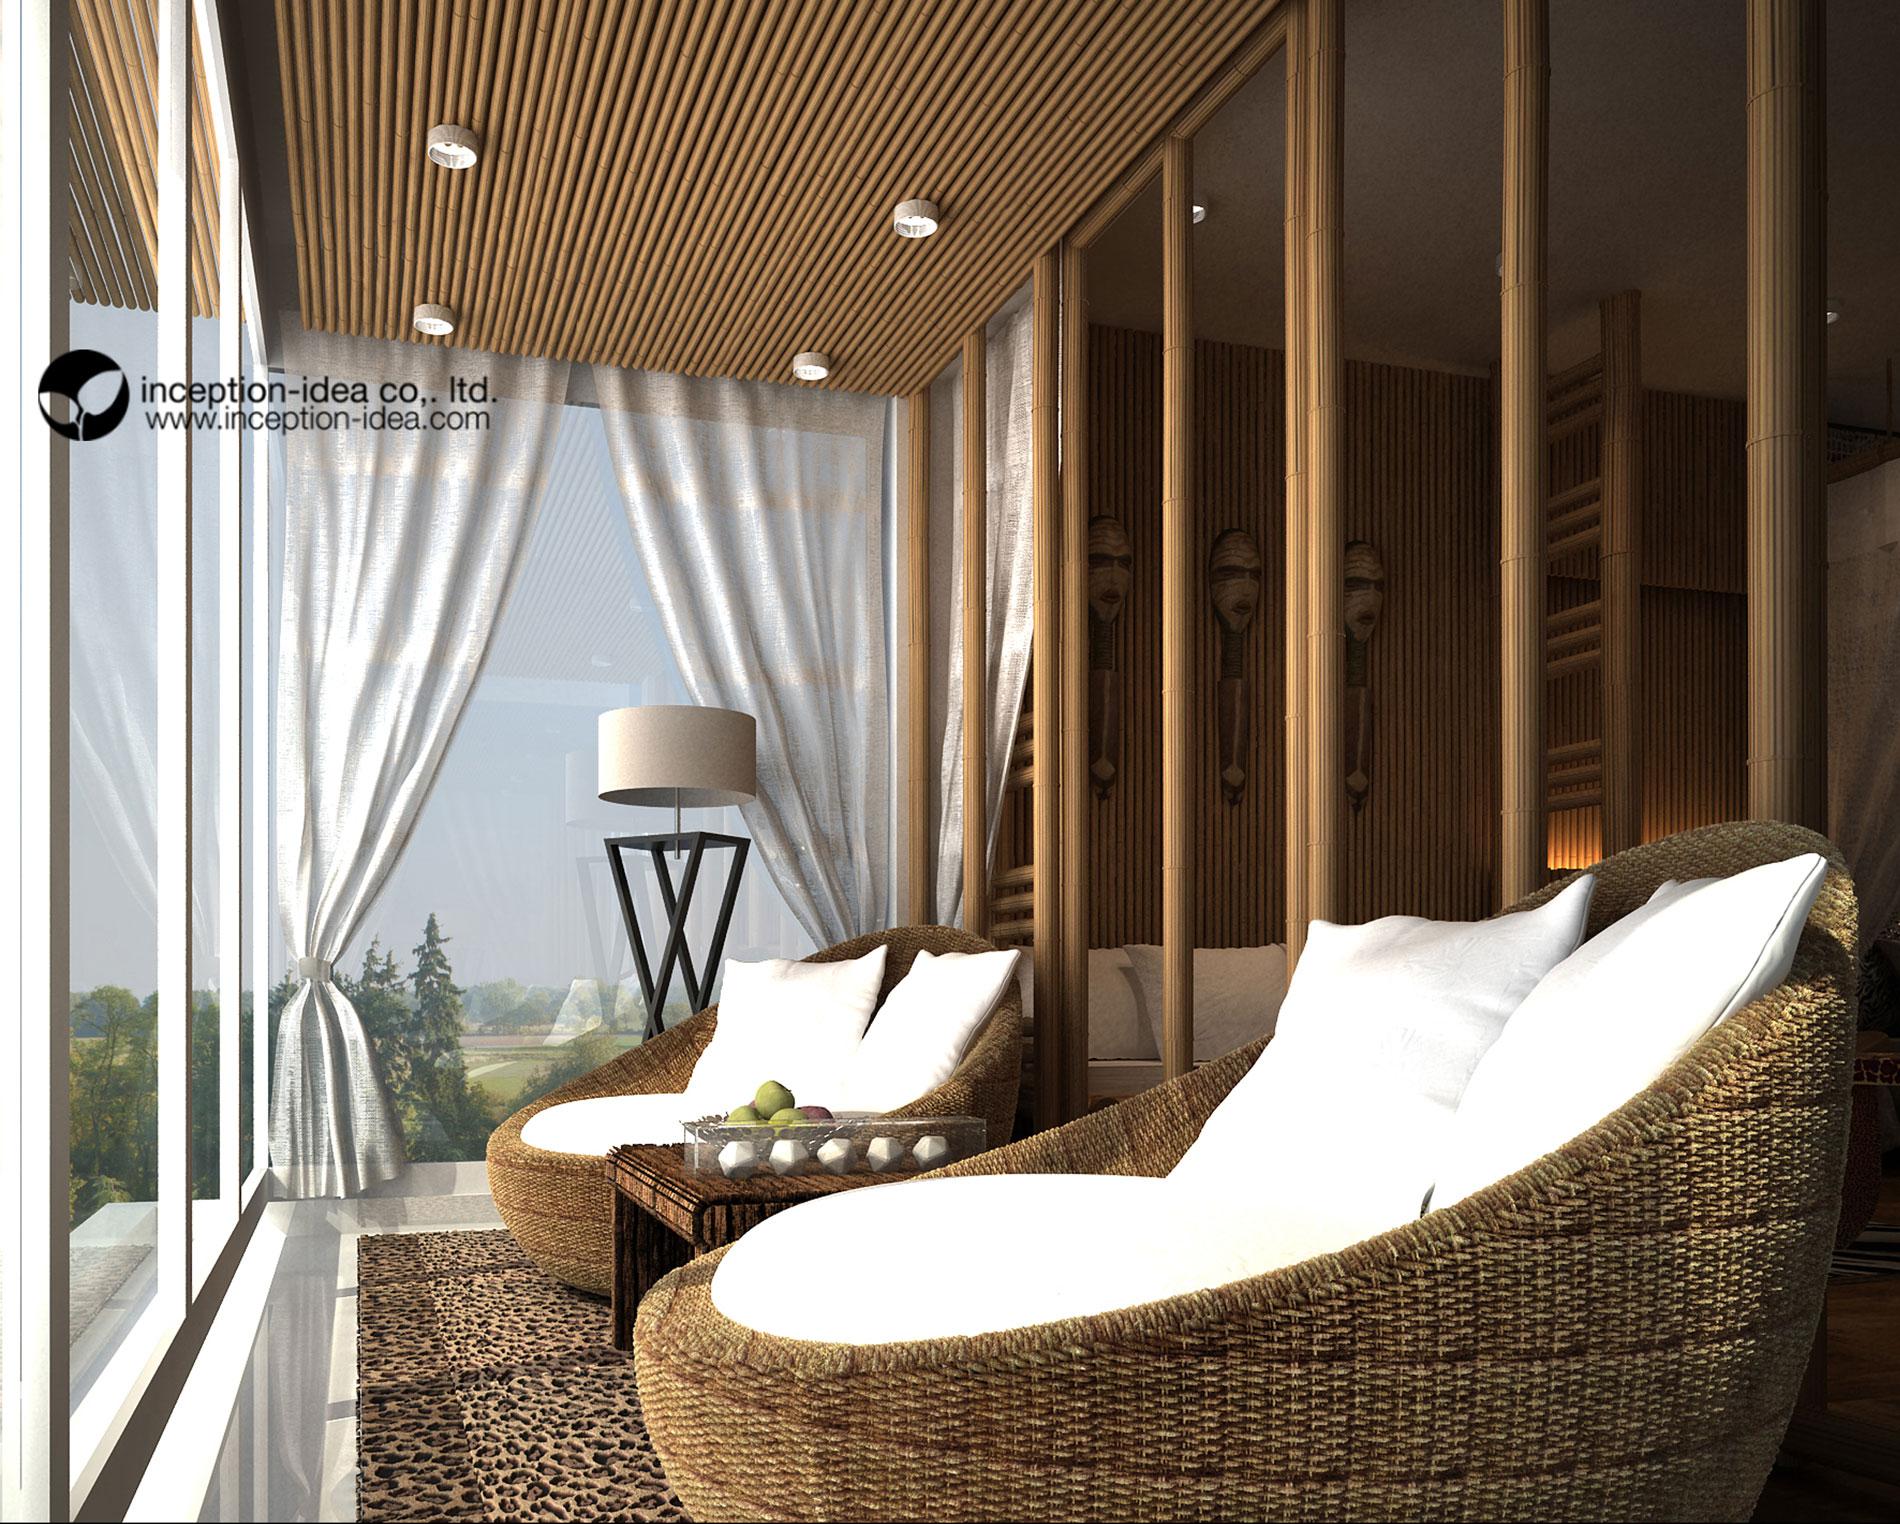 ออกแบบภายในรีสอร์ท Dubai United Arab Emirates